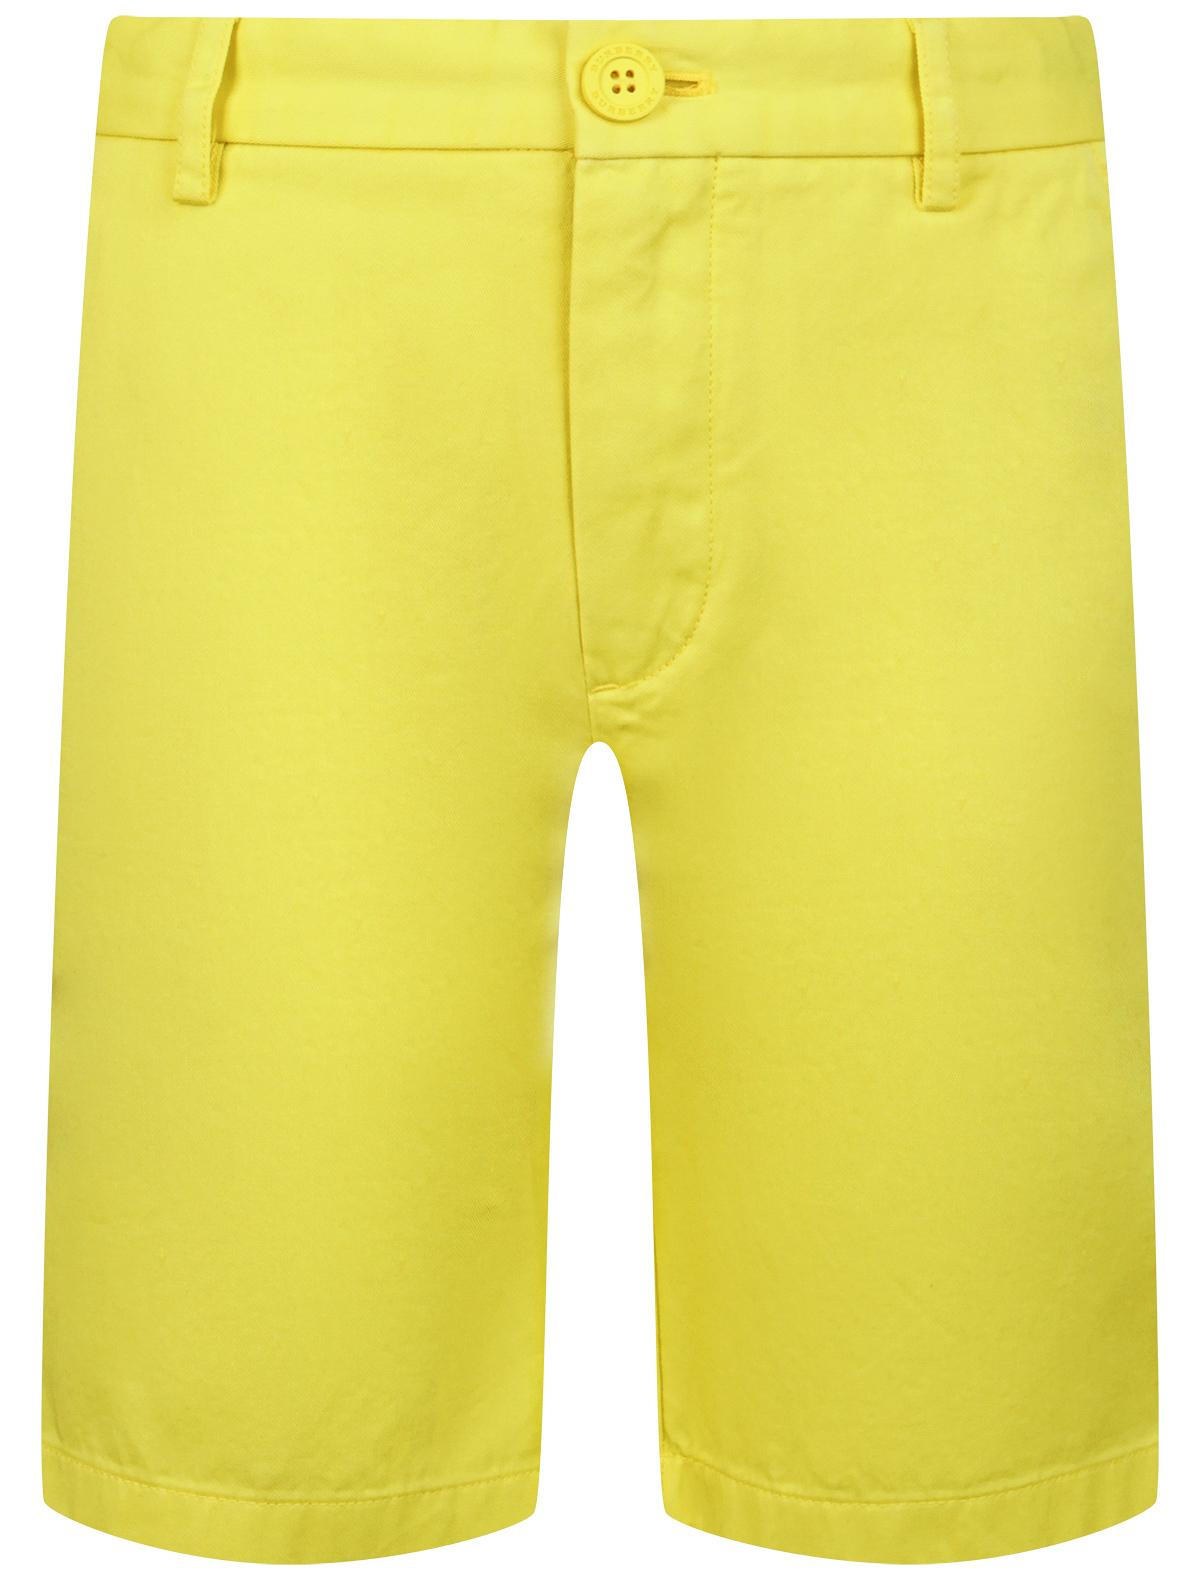 Купить 1955589, Шорты Burberry, желтый, Мужской, 1412819971010